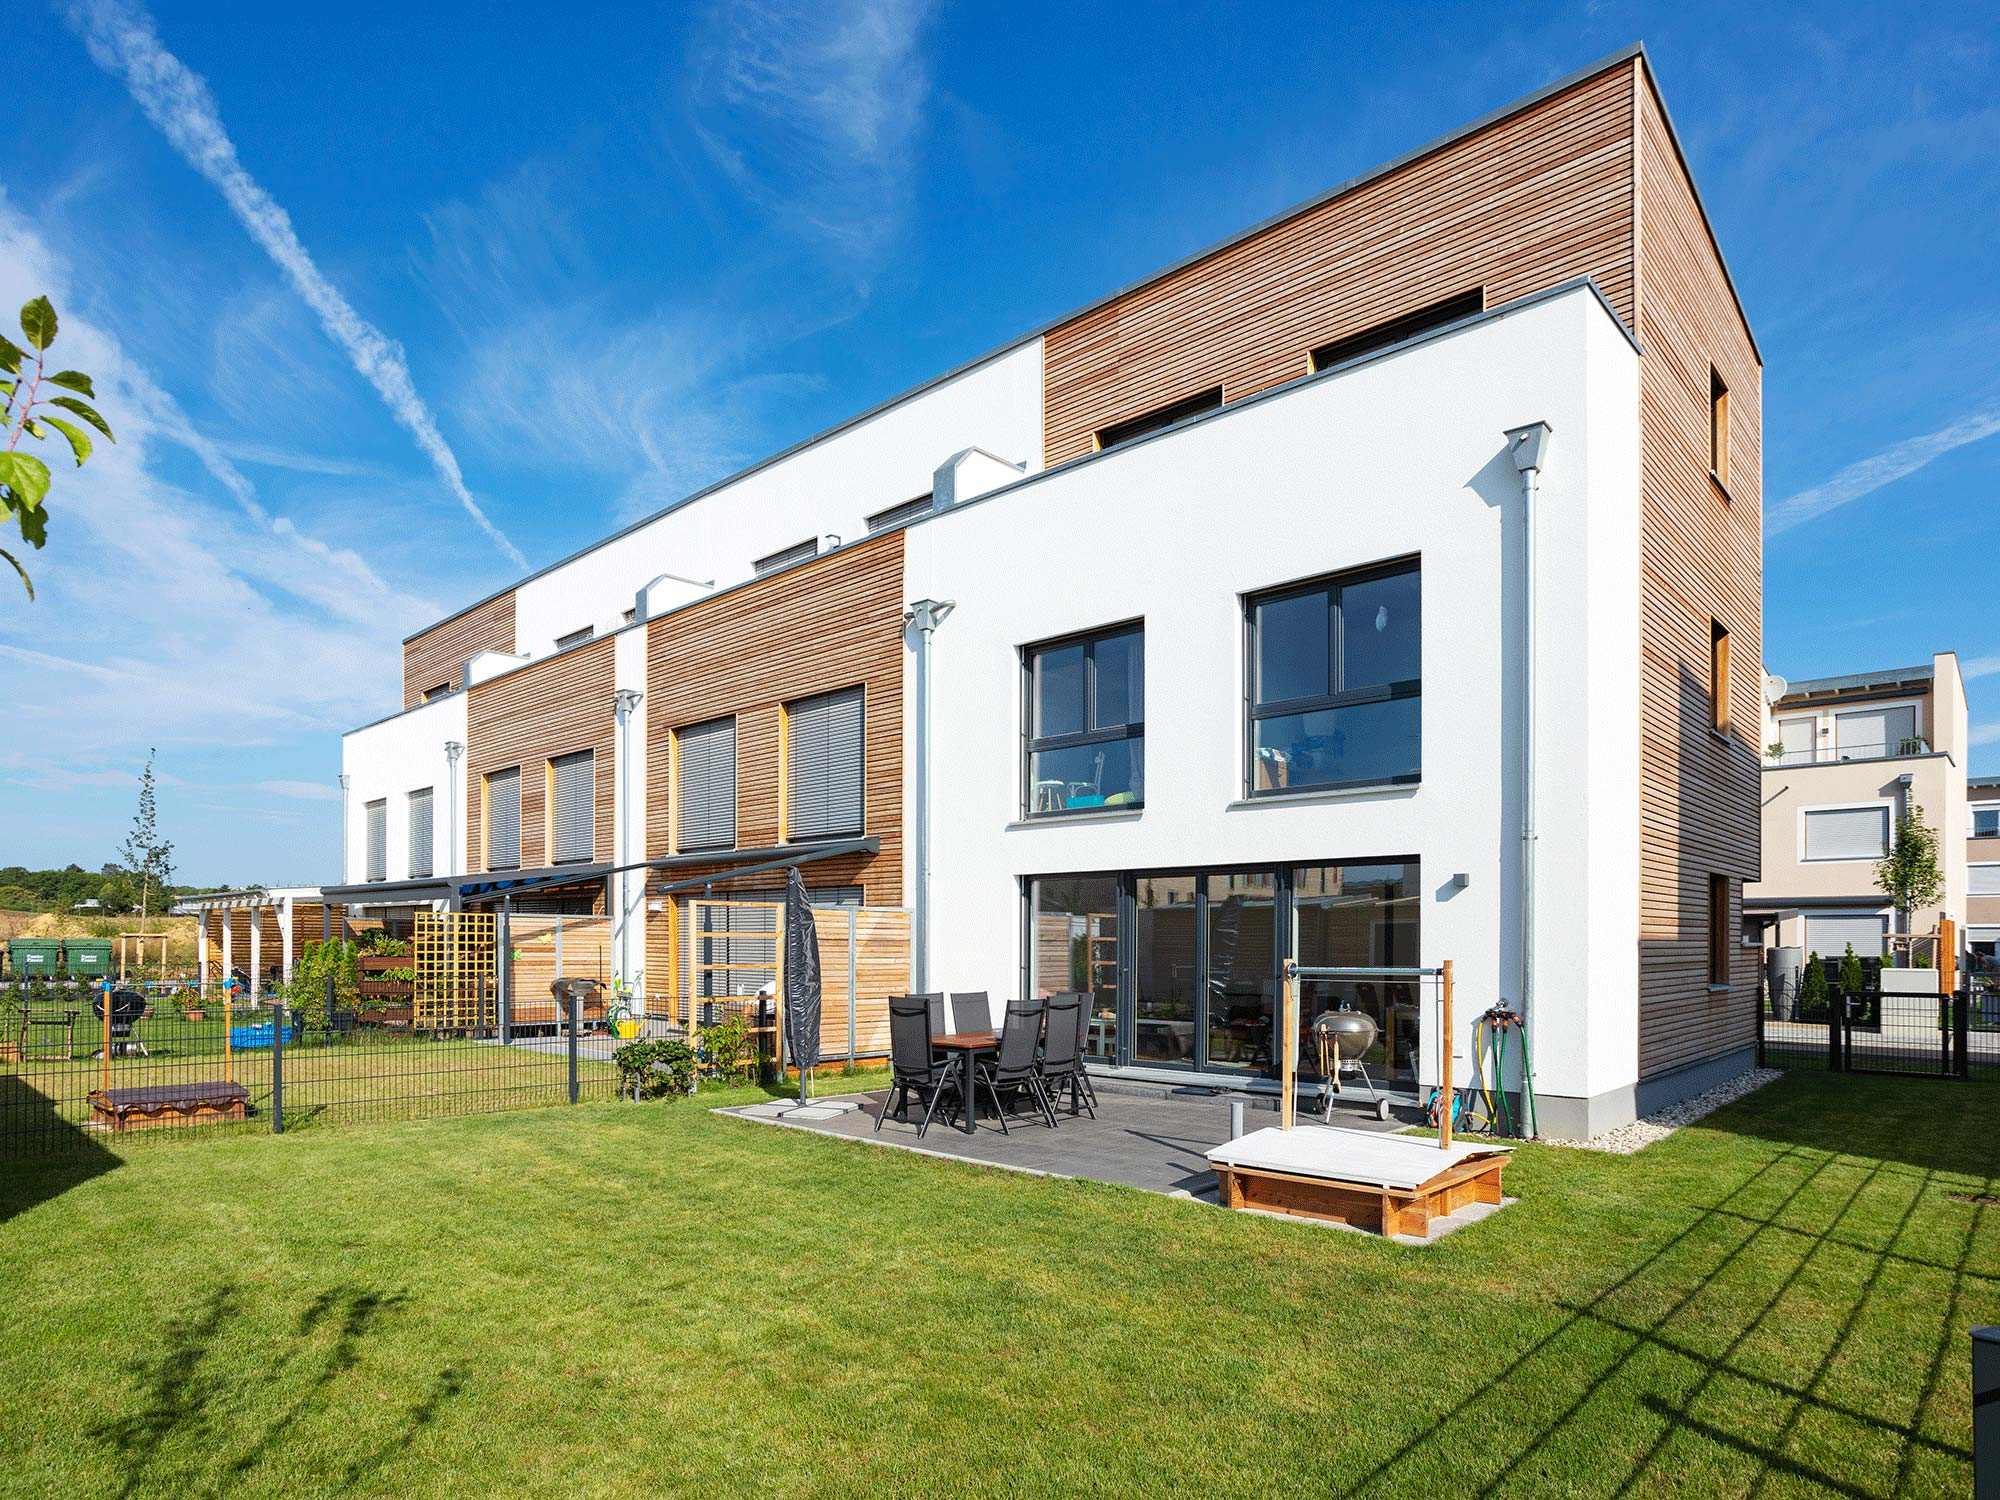 immocontec-Referenz: Blick vom Garten auf ein Mehrfamilienhaus in Holzrahmenbauweise in Burgweinting